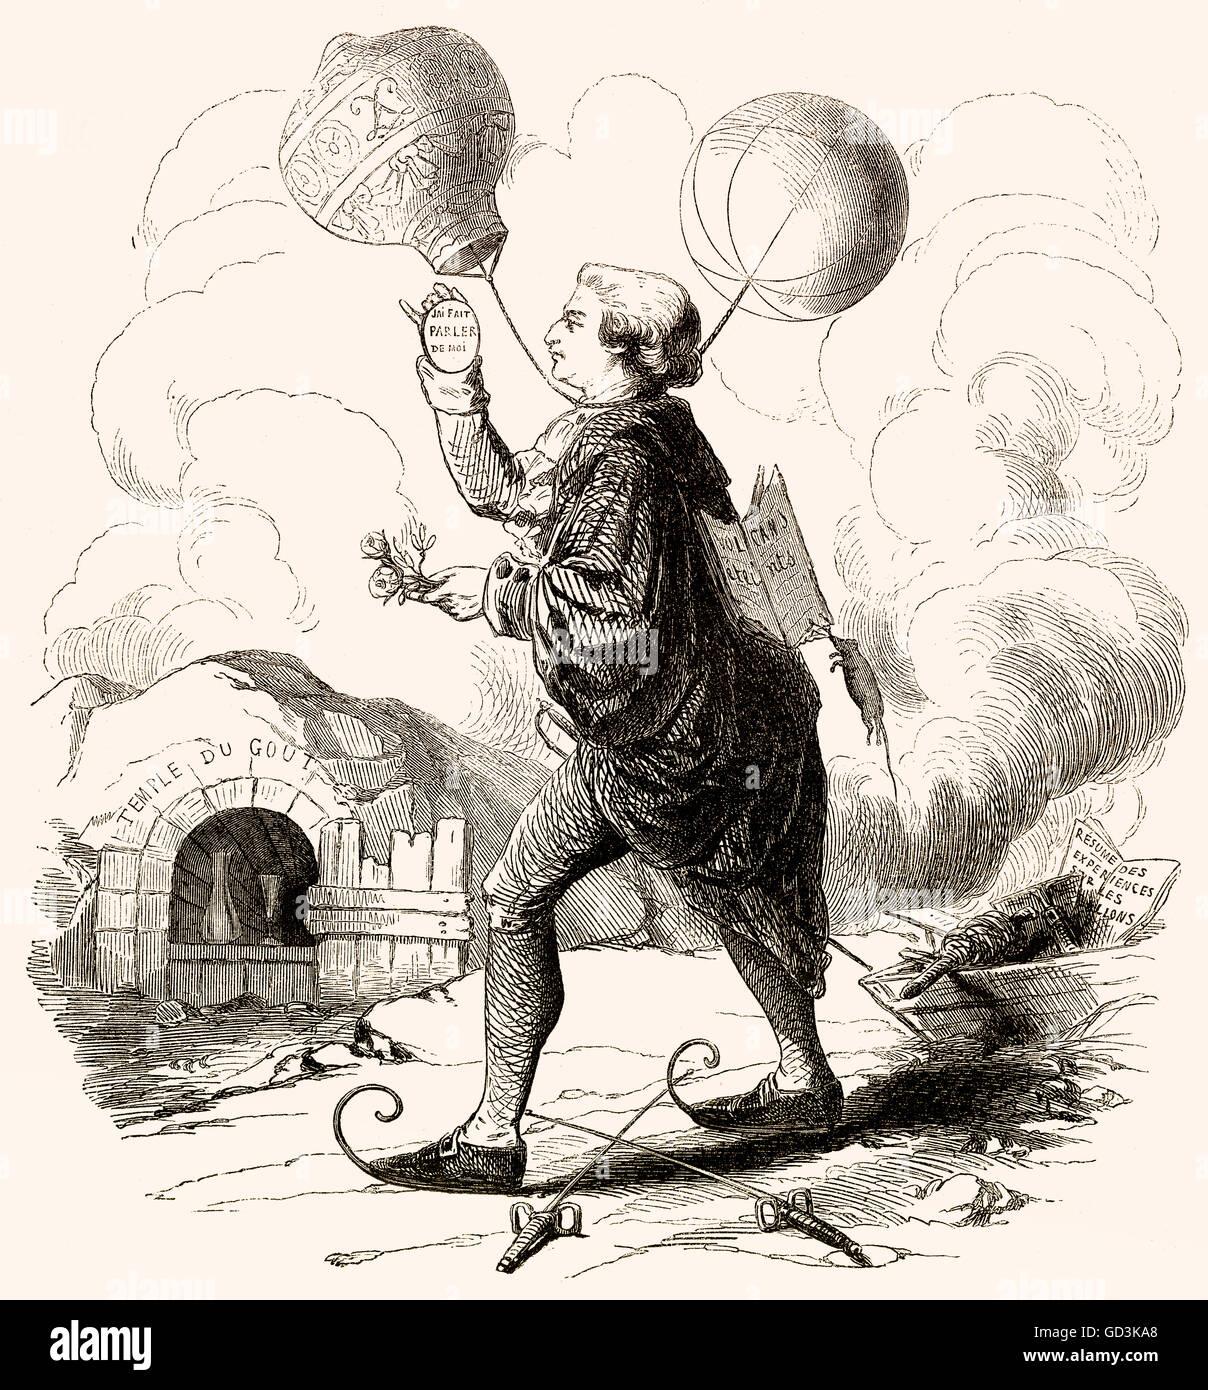 Balloonomania, Karikatur in Frankreich im späten 18. Jahrhundert Stockbild